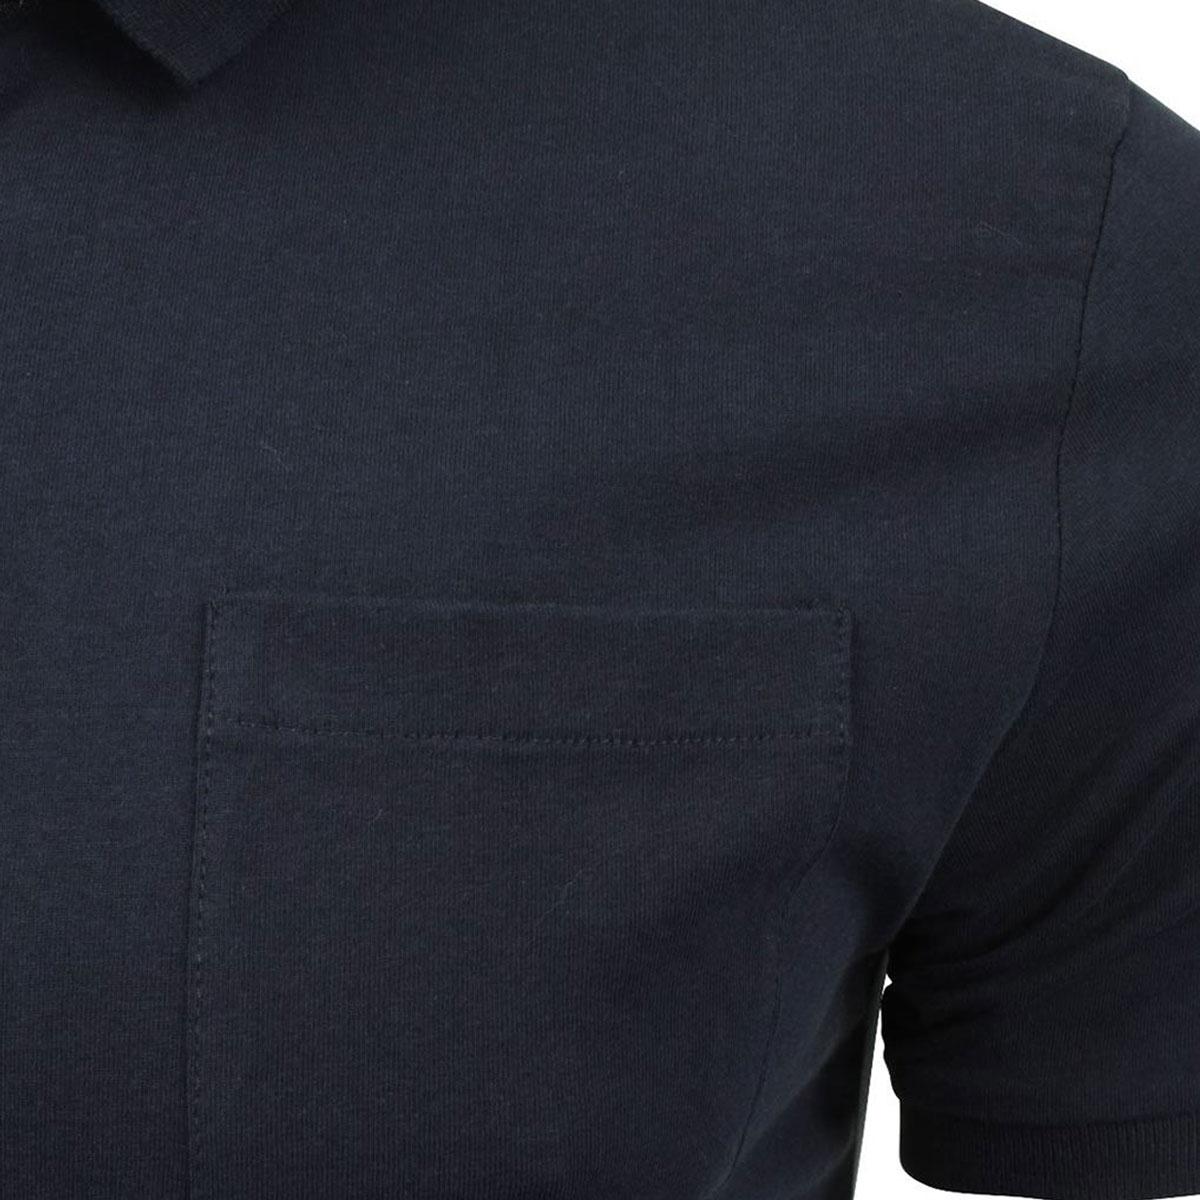 Brave-Soul-Hommes-Polo-T-Shirt-034-Julius-039-S-Coton-A-Col-Manches-Courtes-Haut-Decontracte miniature 16